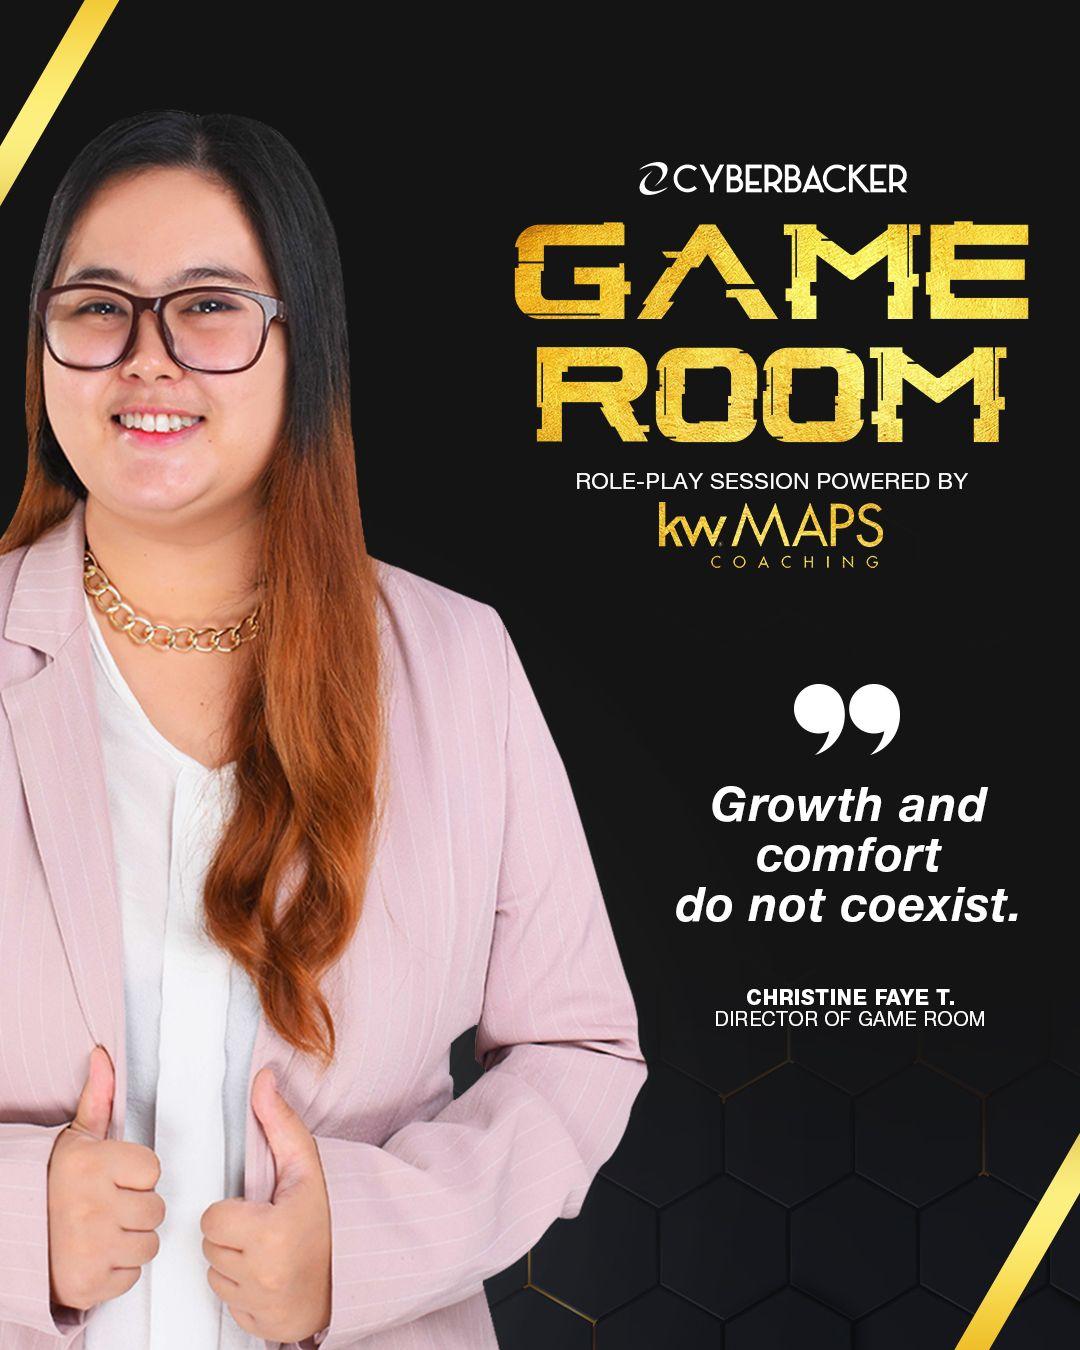 Gameroom Director